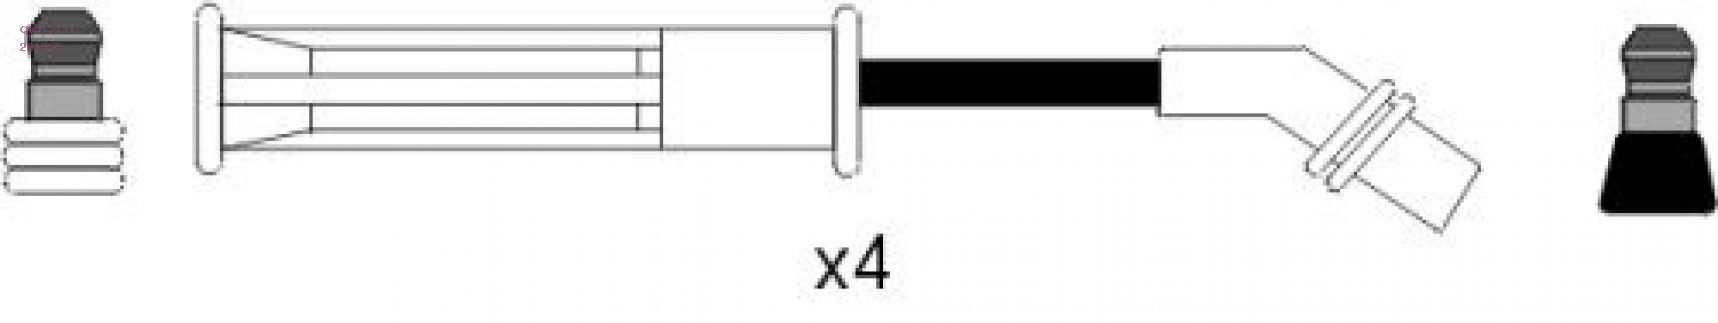 Фото запчасти Комплект высоковольтных проводов